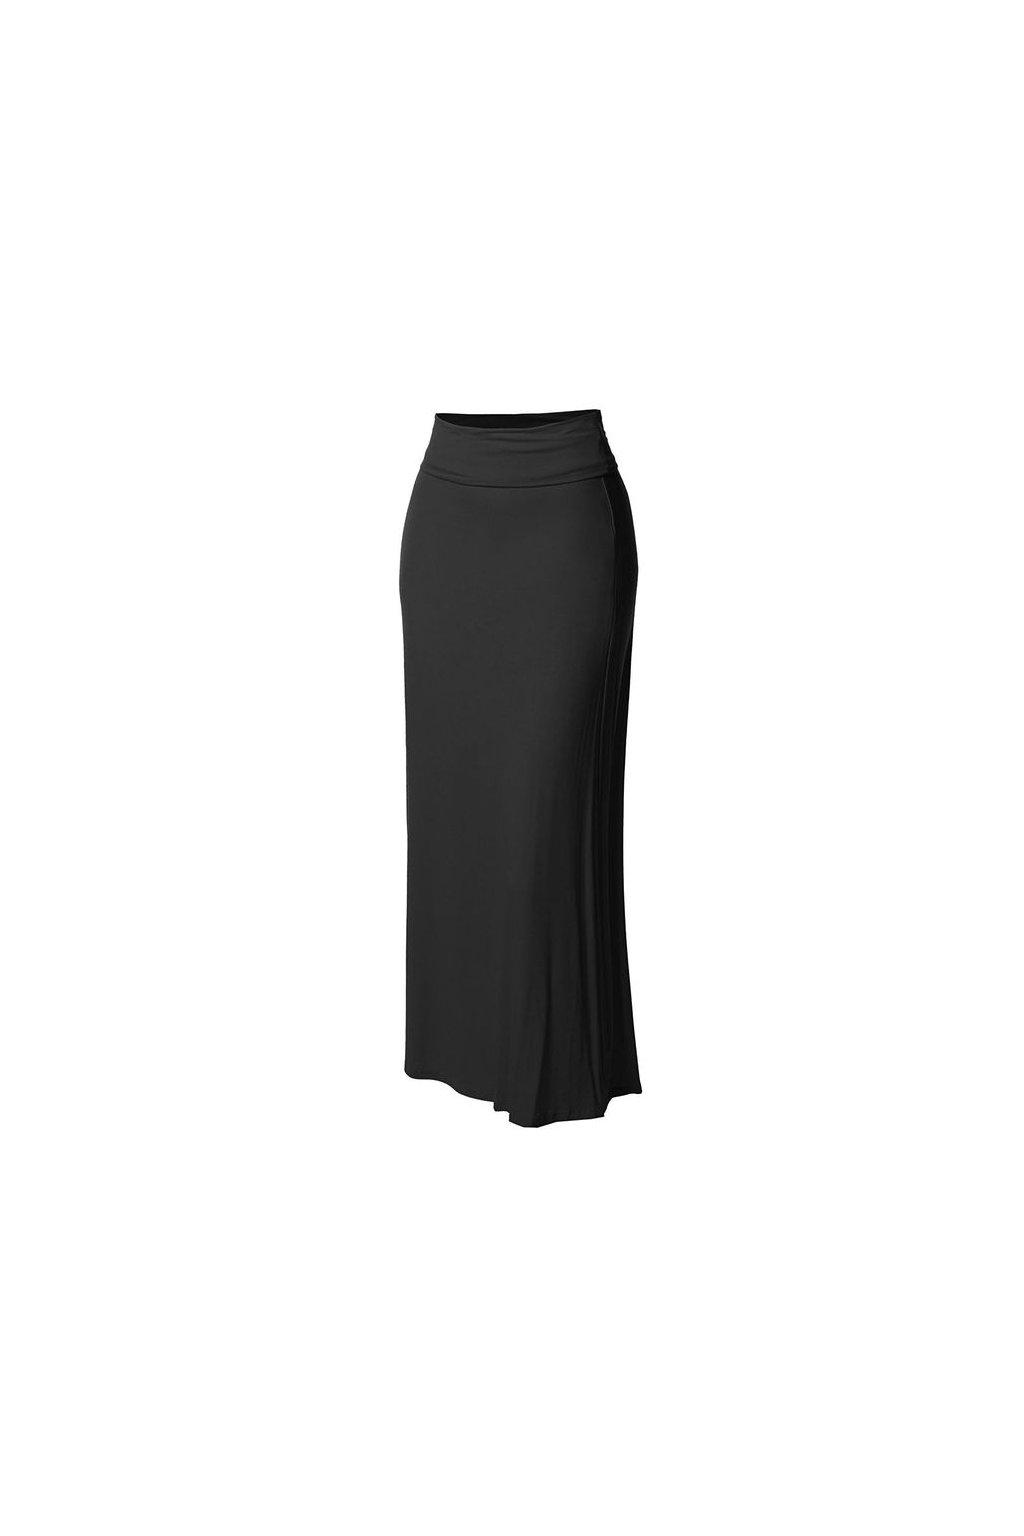 Dámská dlouhá sukně Roby